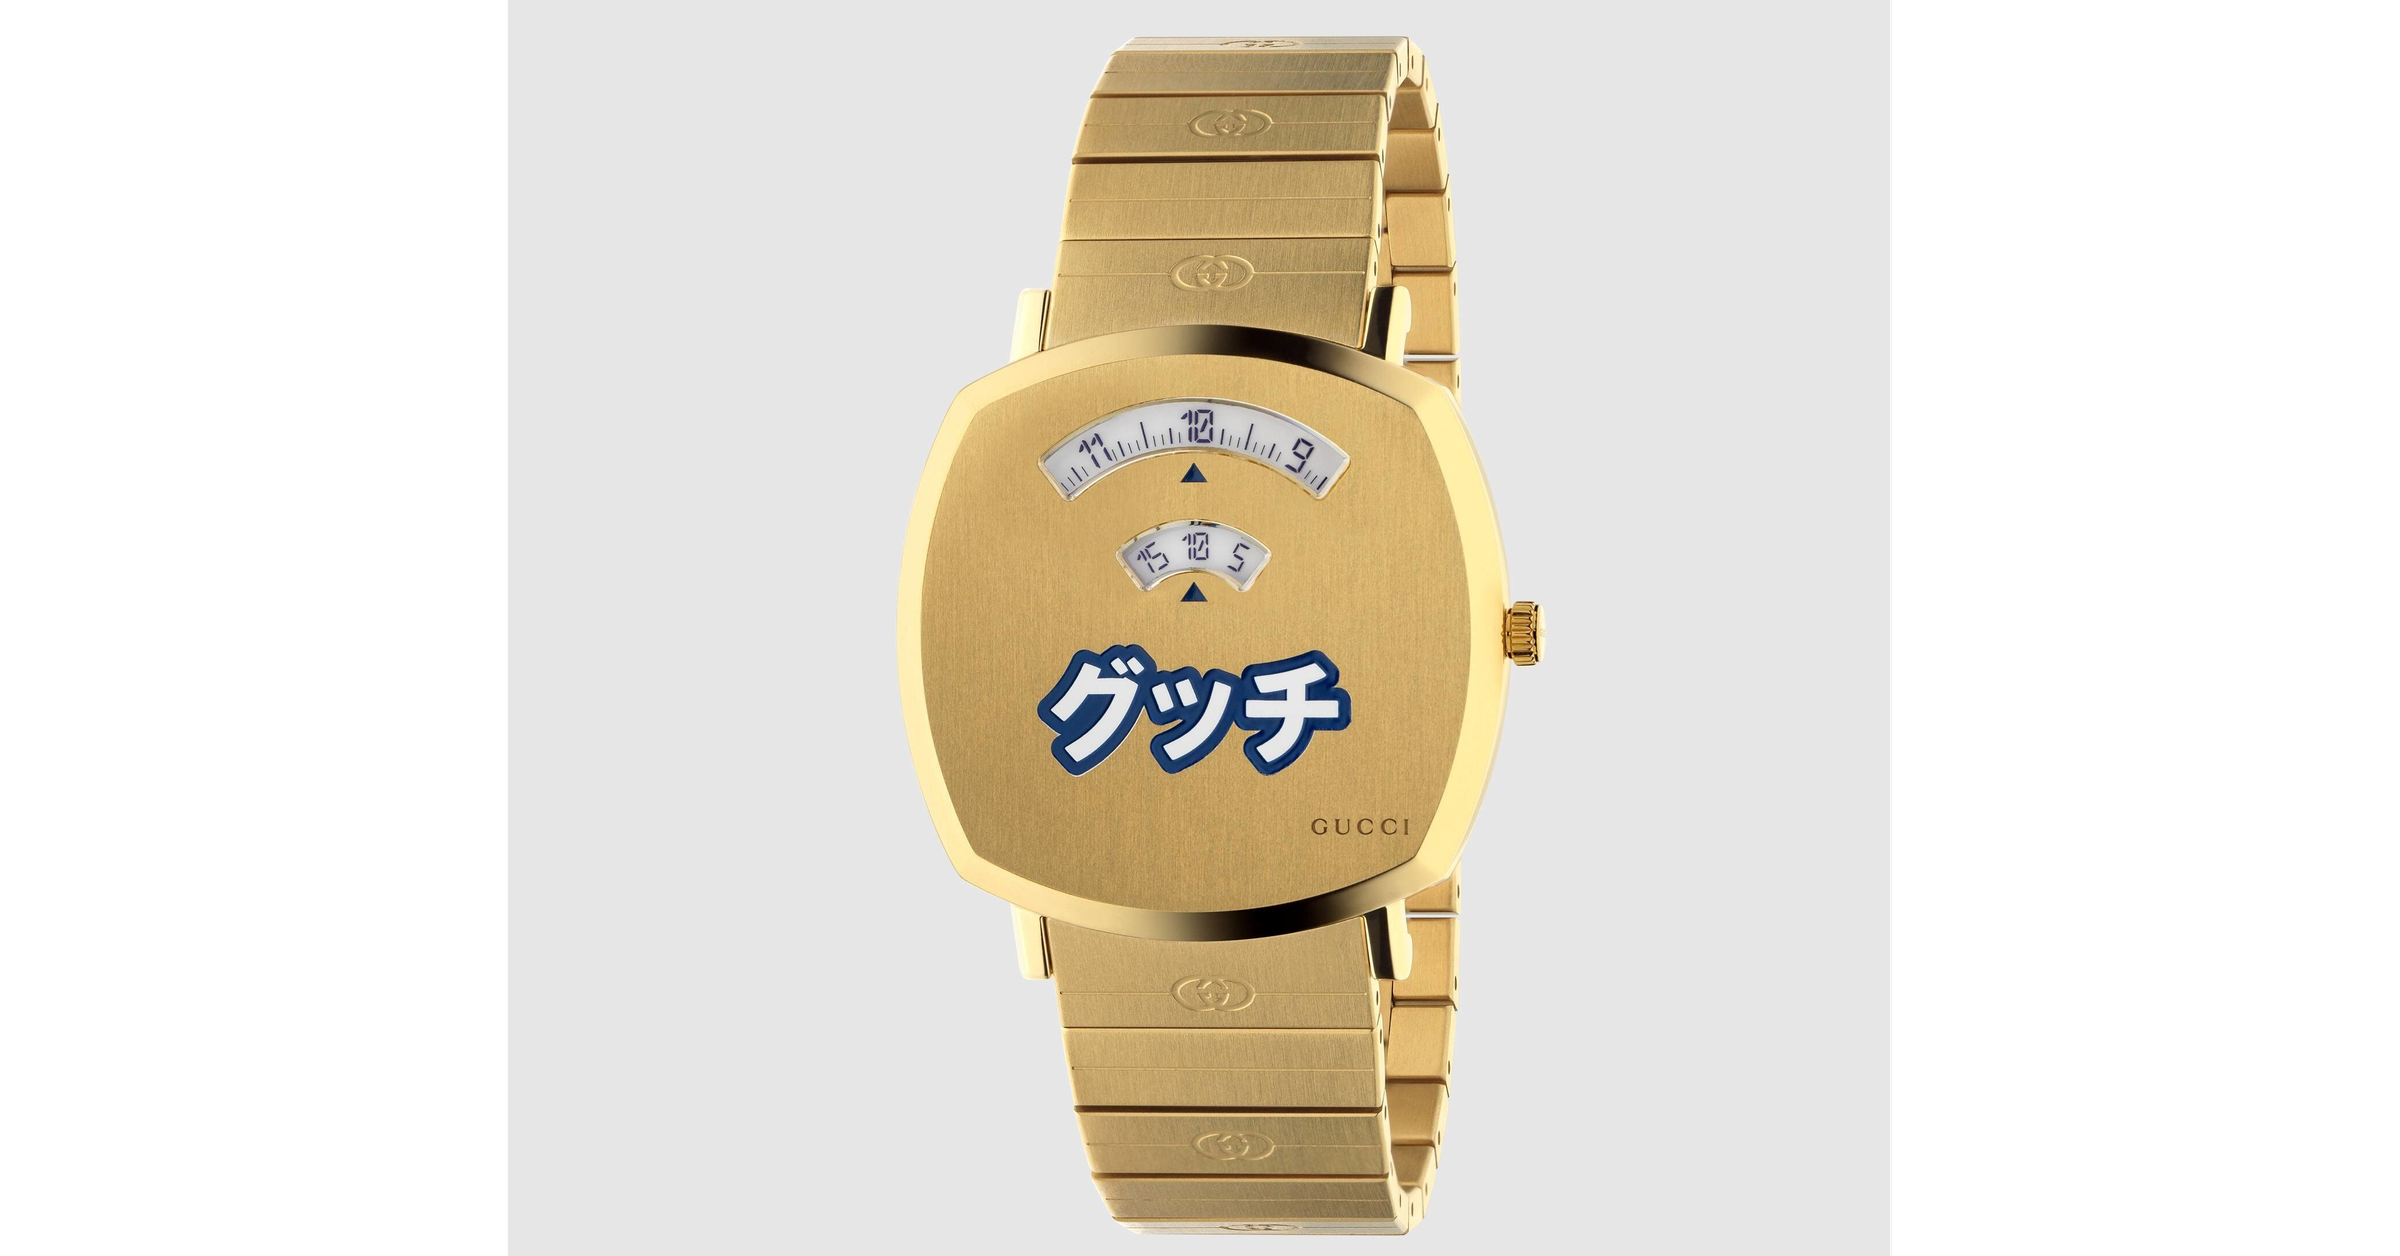 照片中提到了グッチ、GUCCI,包含了グッチ時計カタカナ、古馳(Gucci)、看、時鐘、手錶